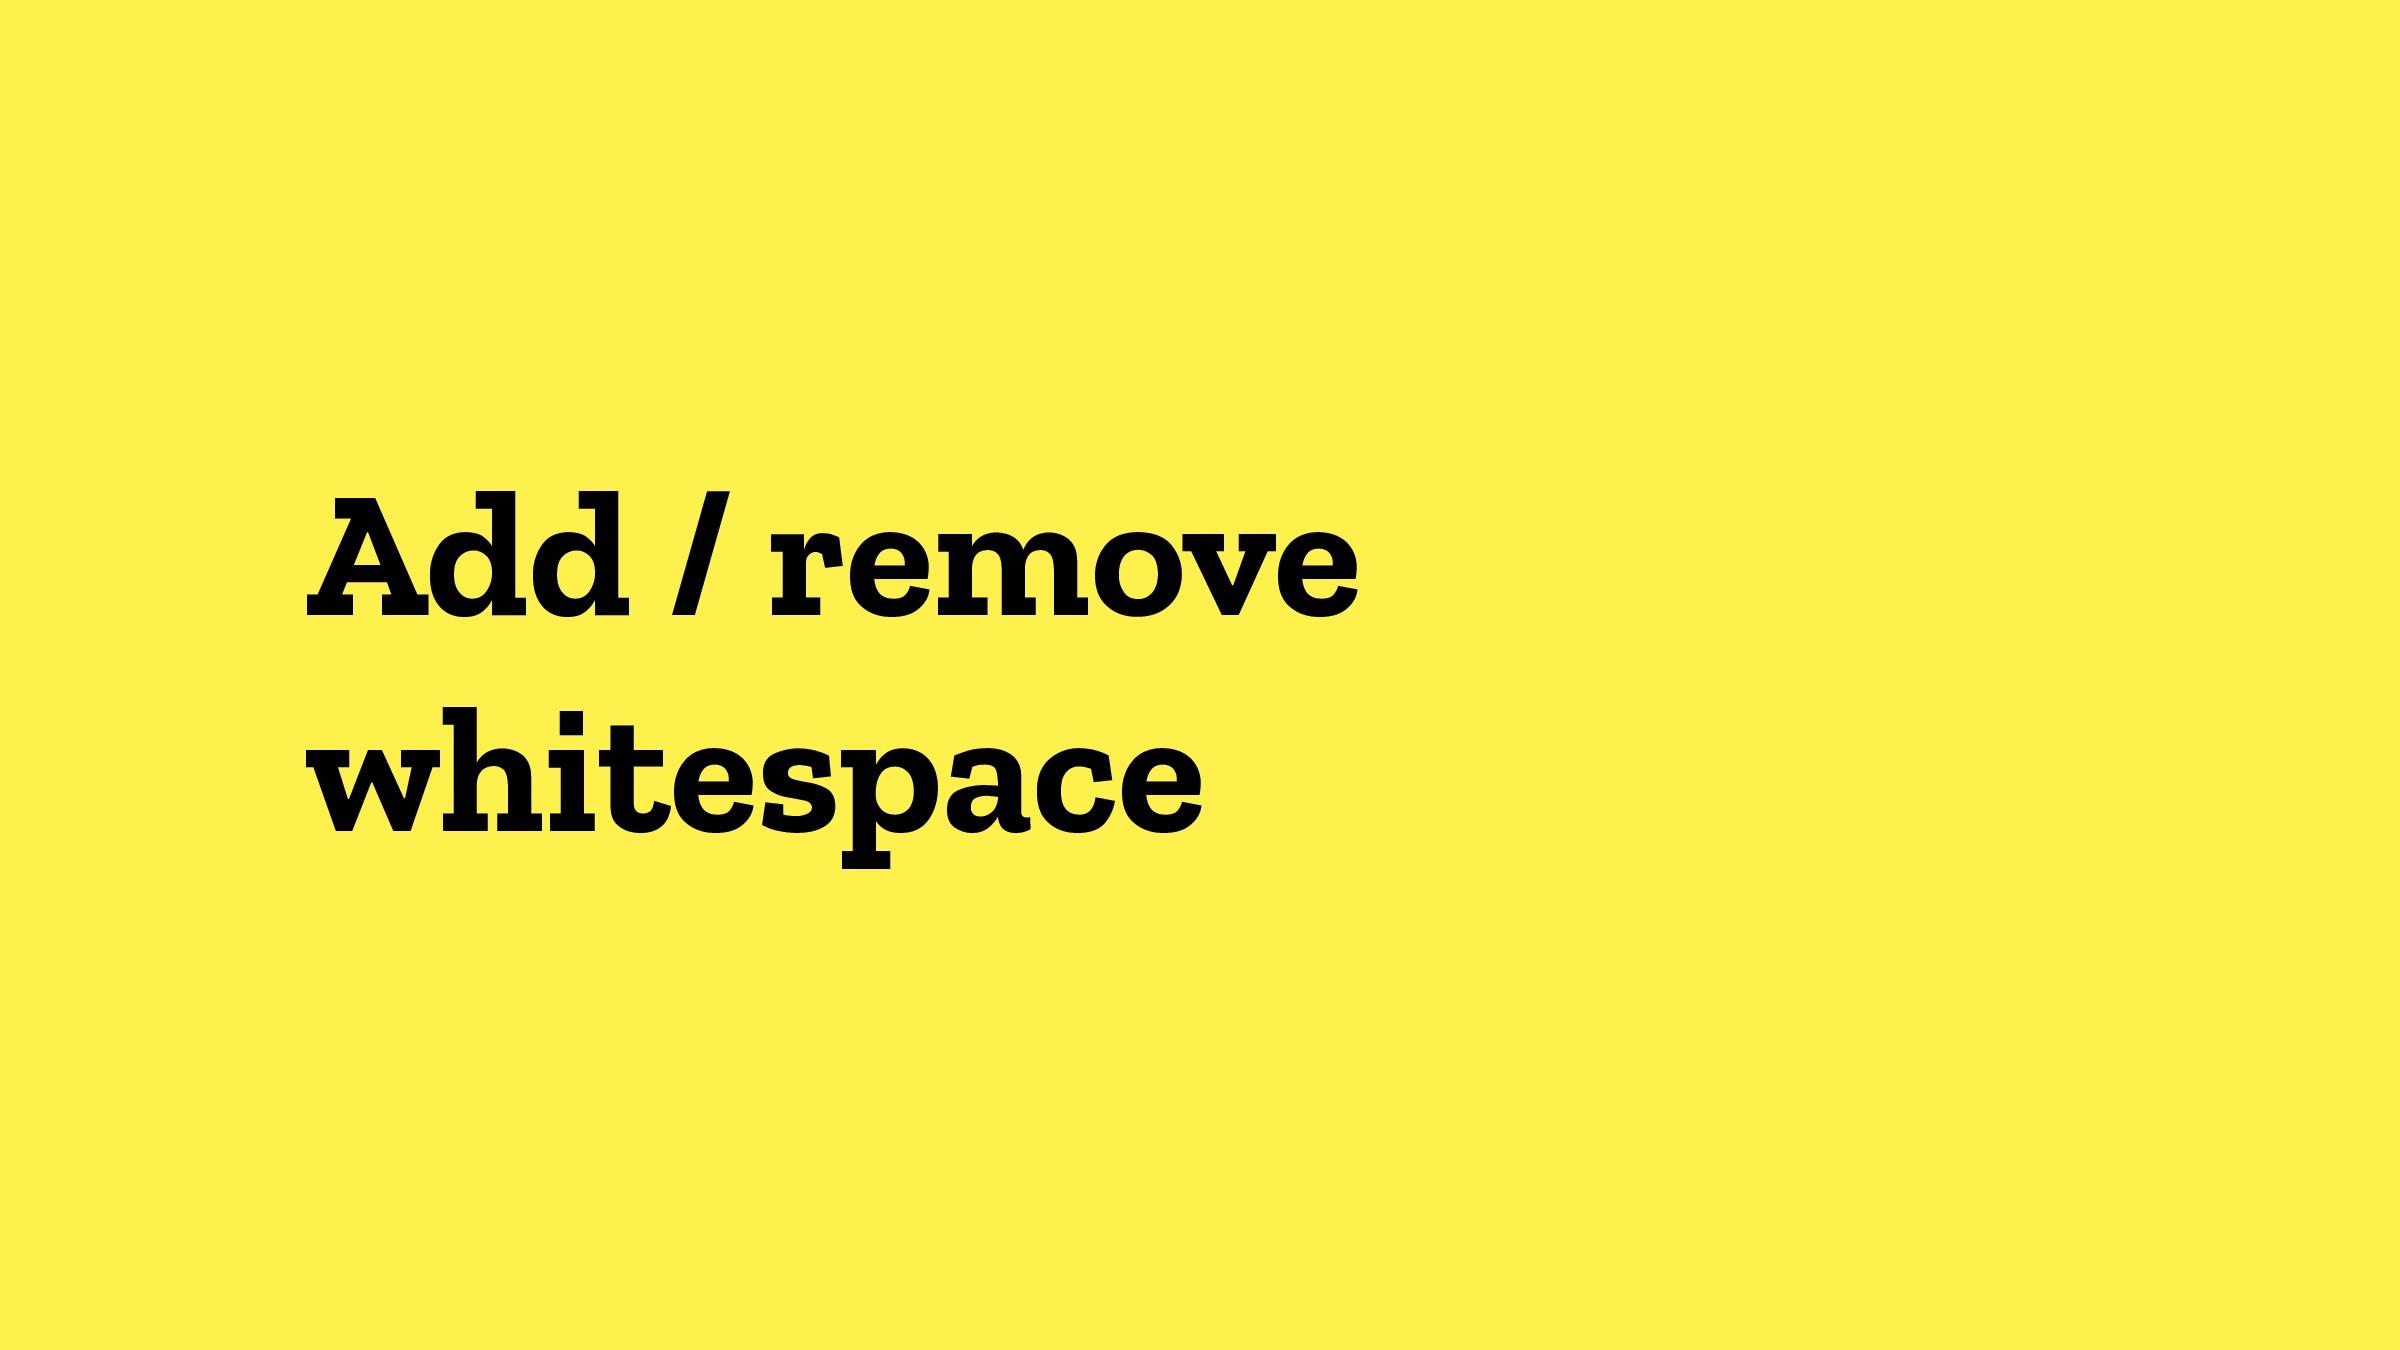 Add / remove whitespace